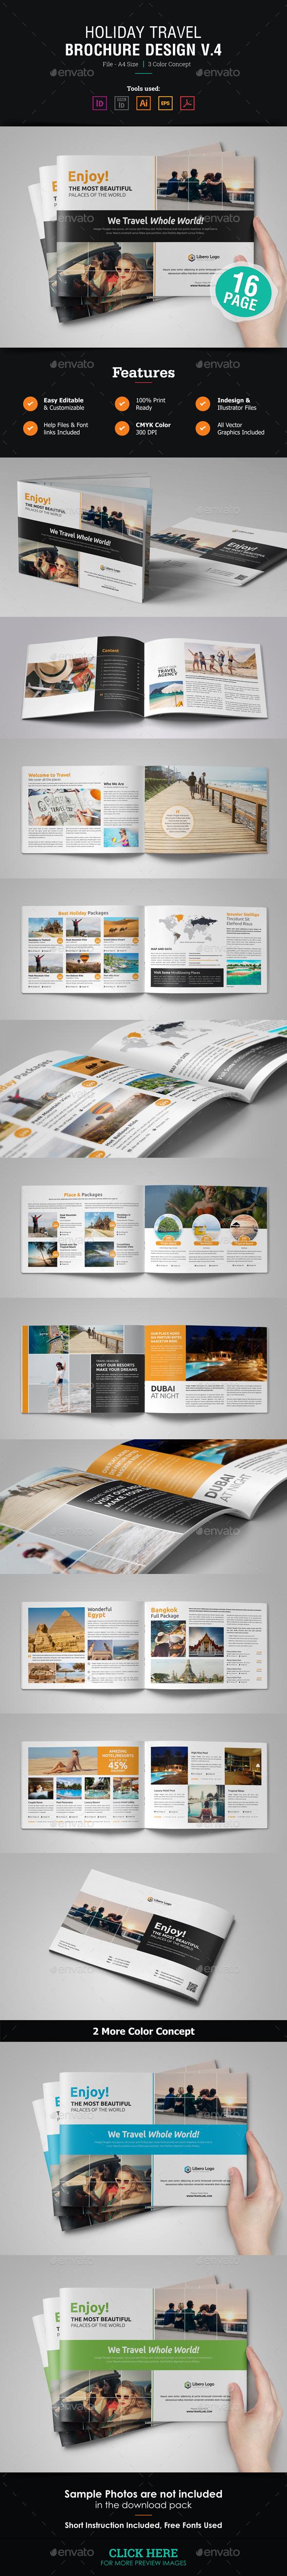 Holiday Travel Brochure Design v4 - Corporate Brochures